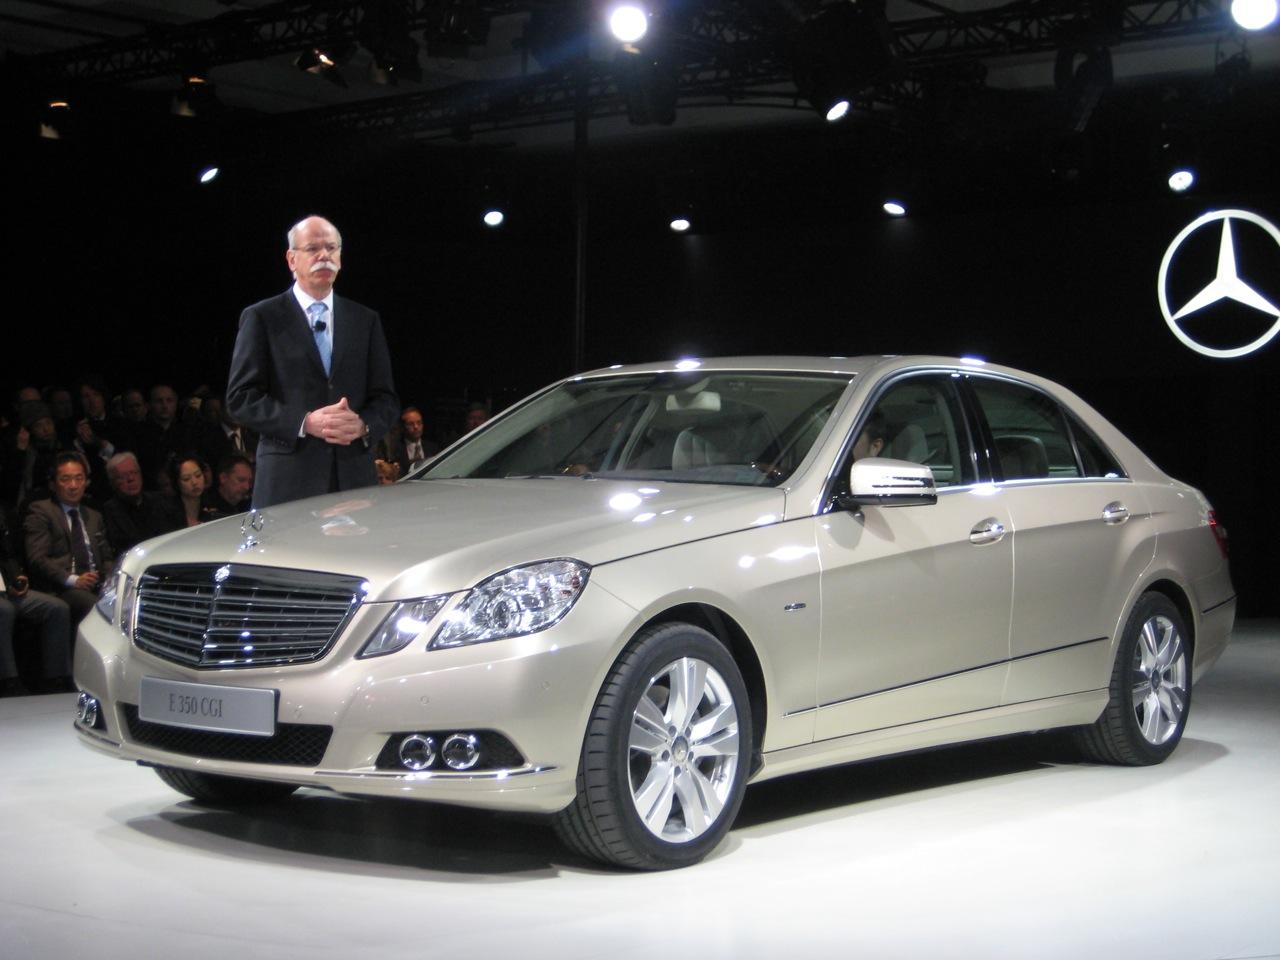 2010-e-class-1280-13.jpg